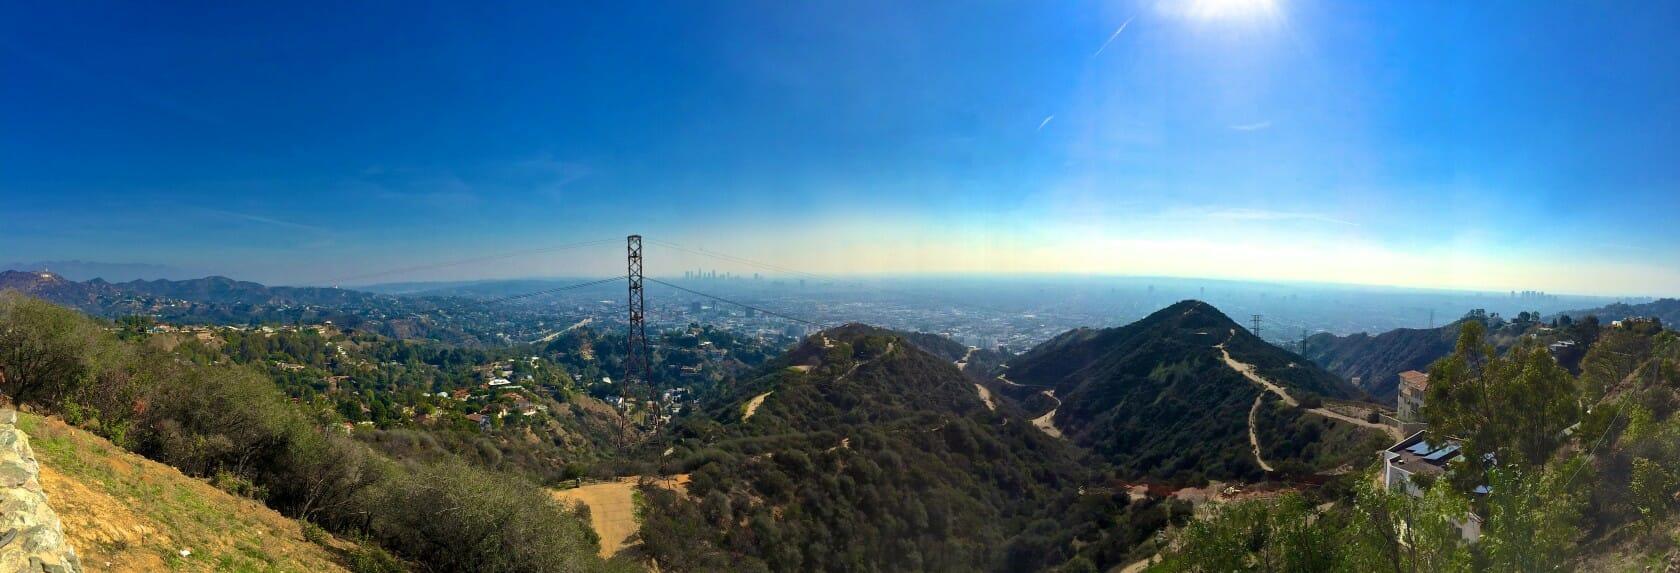 best views in LA runyon